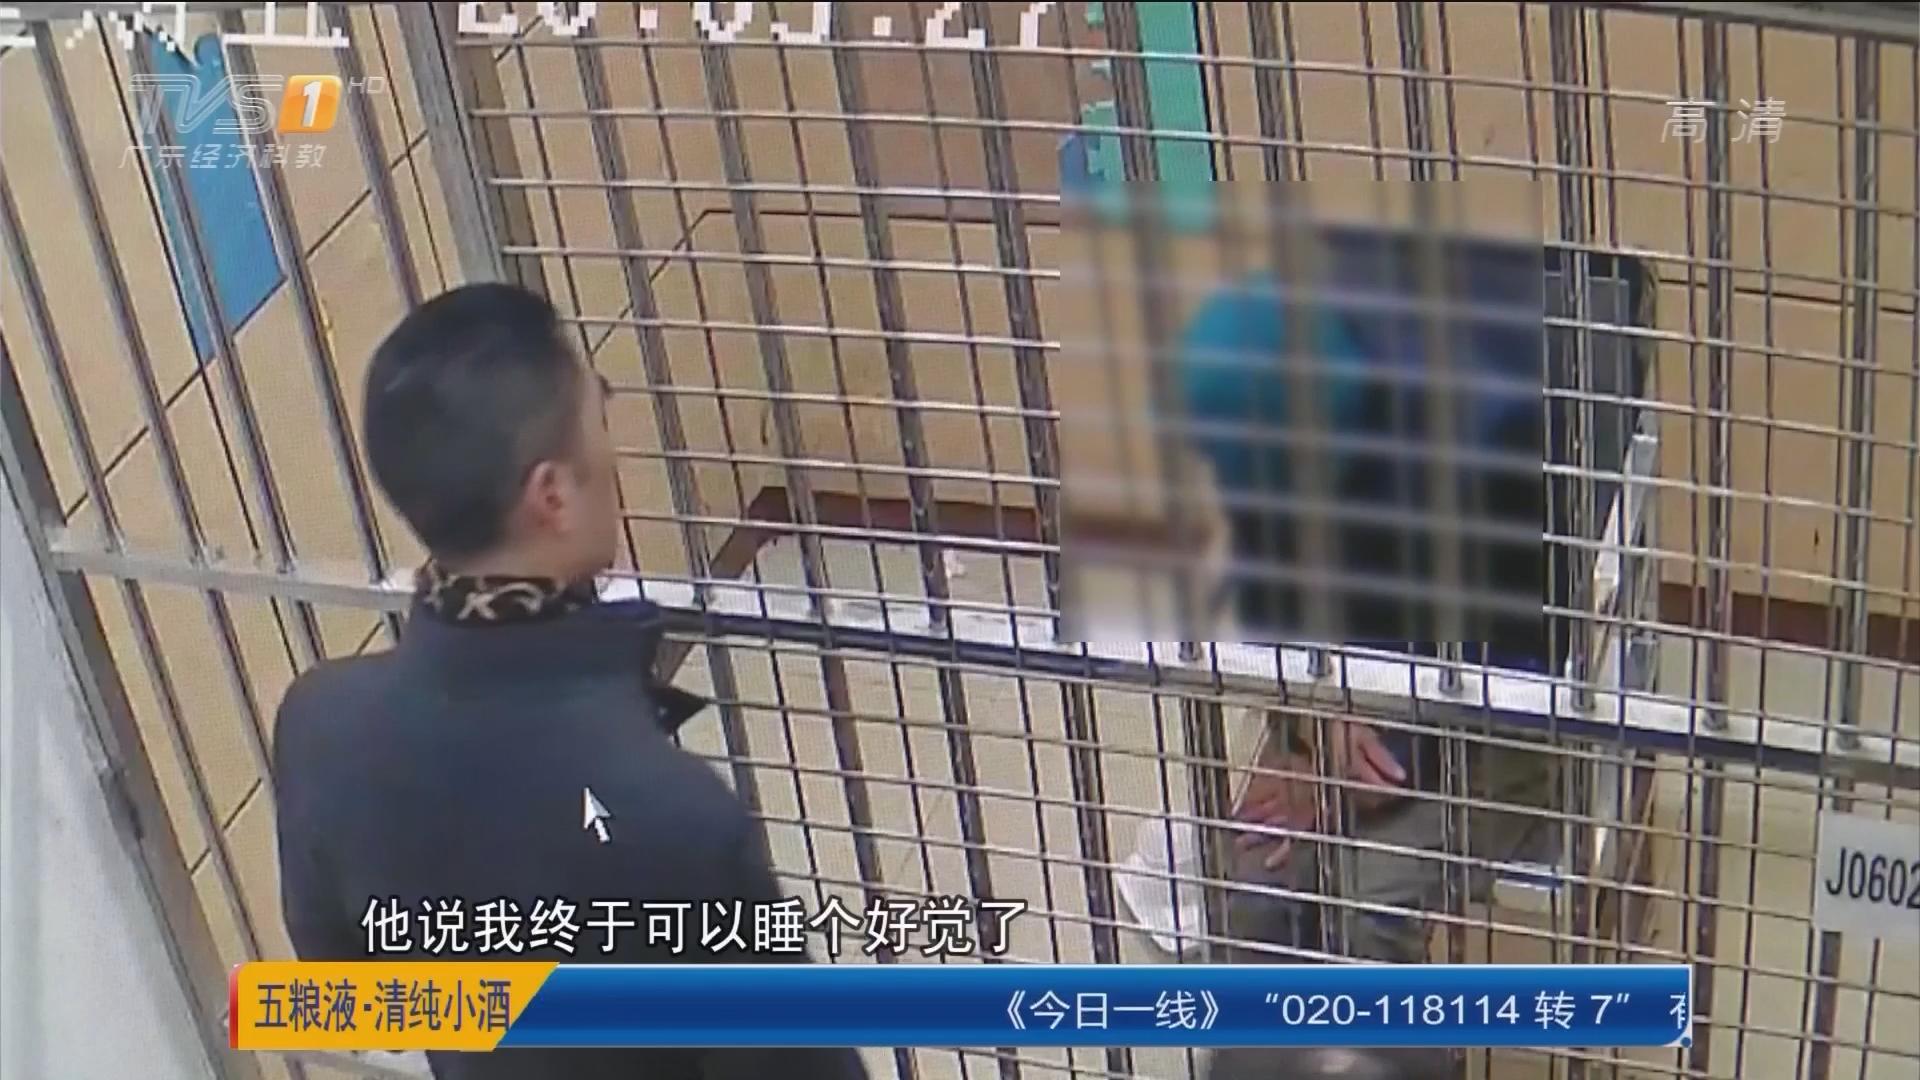 创建平安广东:江门开平 命案疑凶潜逃22年 因涉赌落网